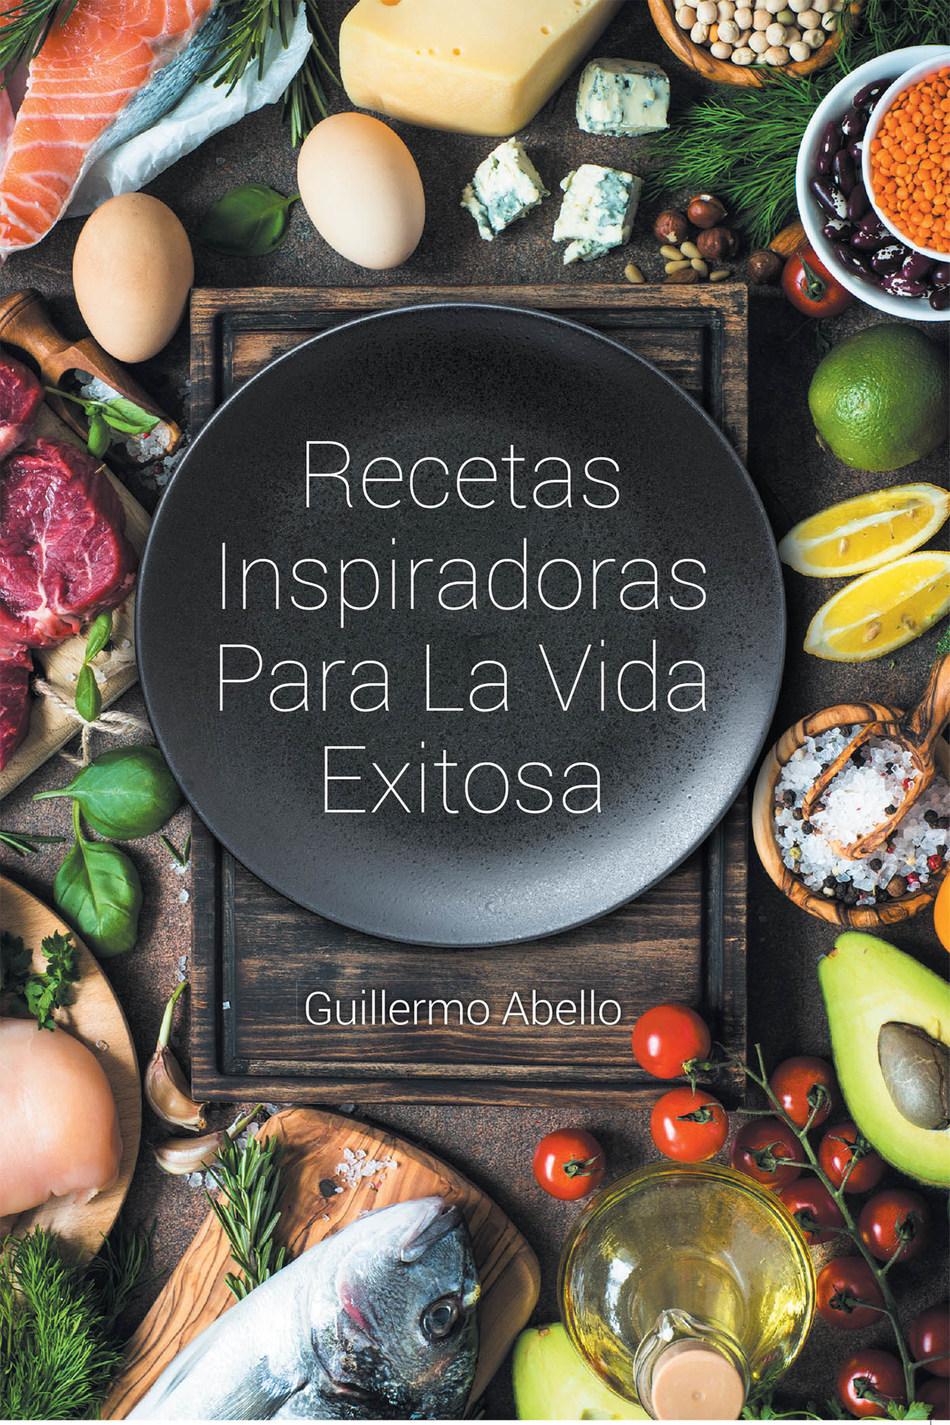 El Nuevo Libro Publicado Por El Pastor Guillermo Abello